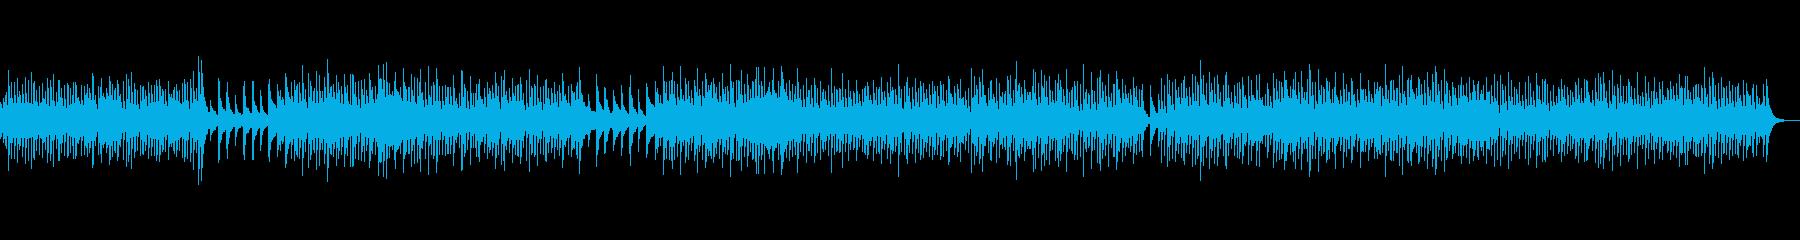 和風バッハ「主よ人の望みの喜びよ」琴のみの再生済みの波形